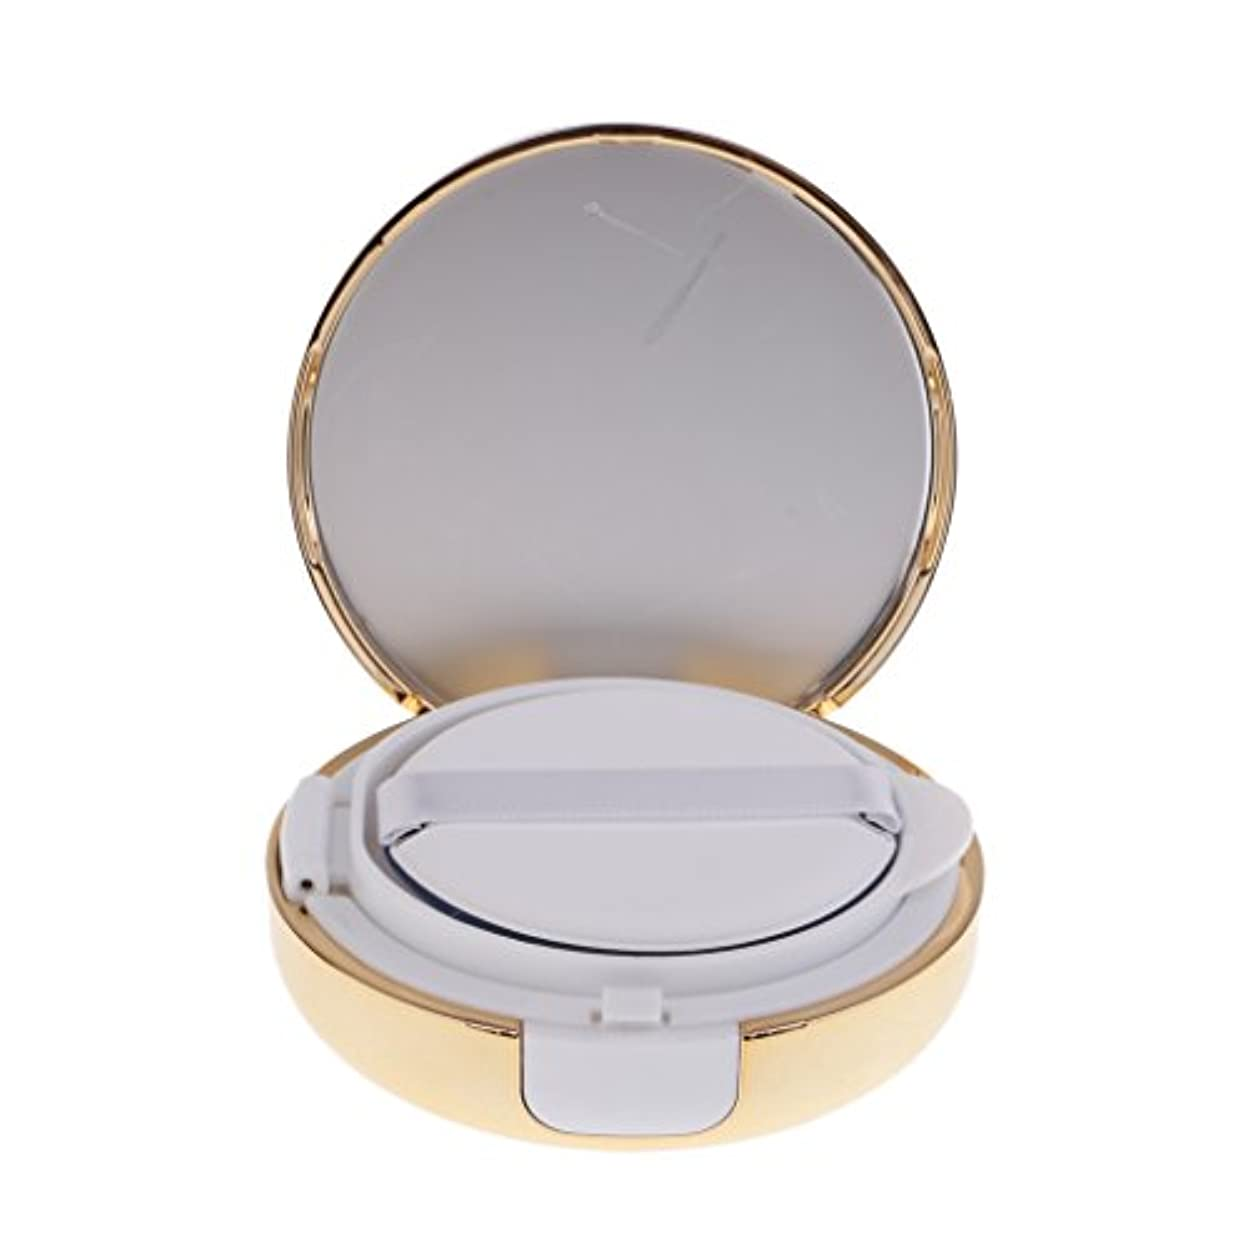 サスペンションスーツケースゴージャスKesoto メイクアップ 空パウダーコンテナ ファンデーションケース エアクッション パフ BBクリーム 詰替え 化粧品 DIY プラスチック製 2色選べる - ゴールド